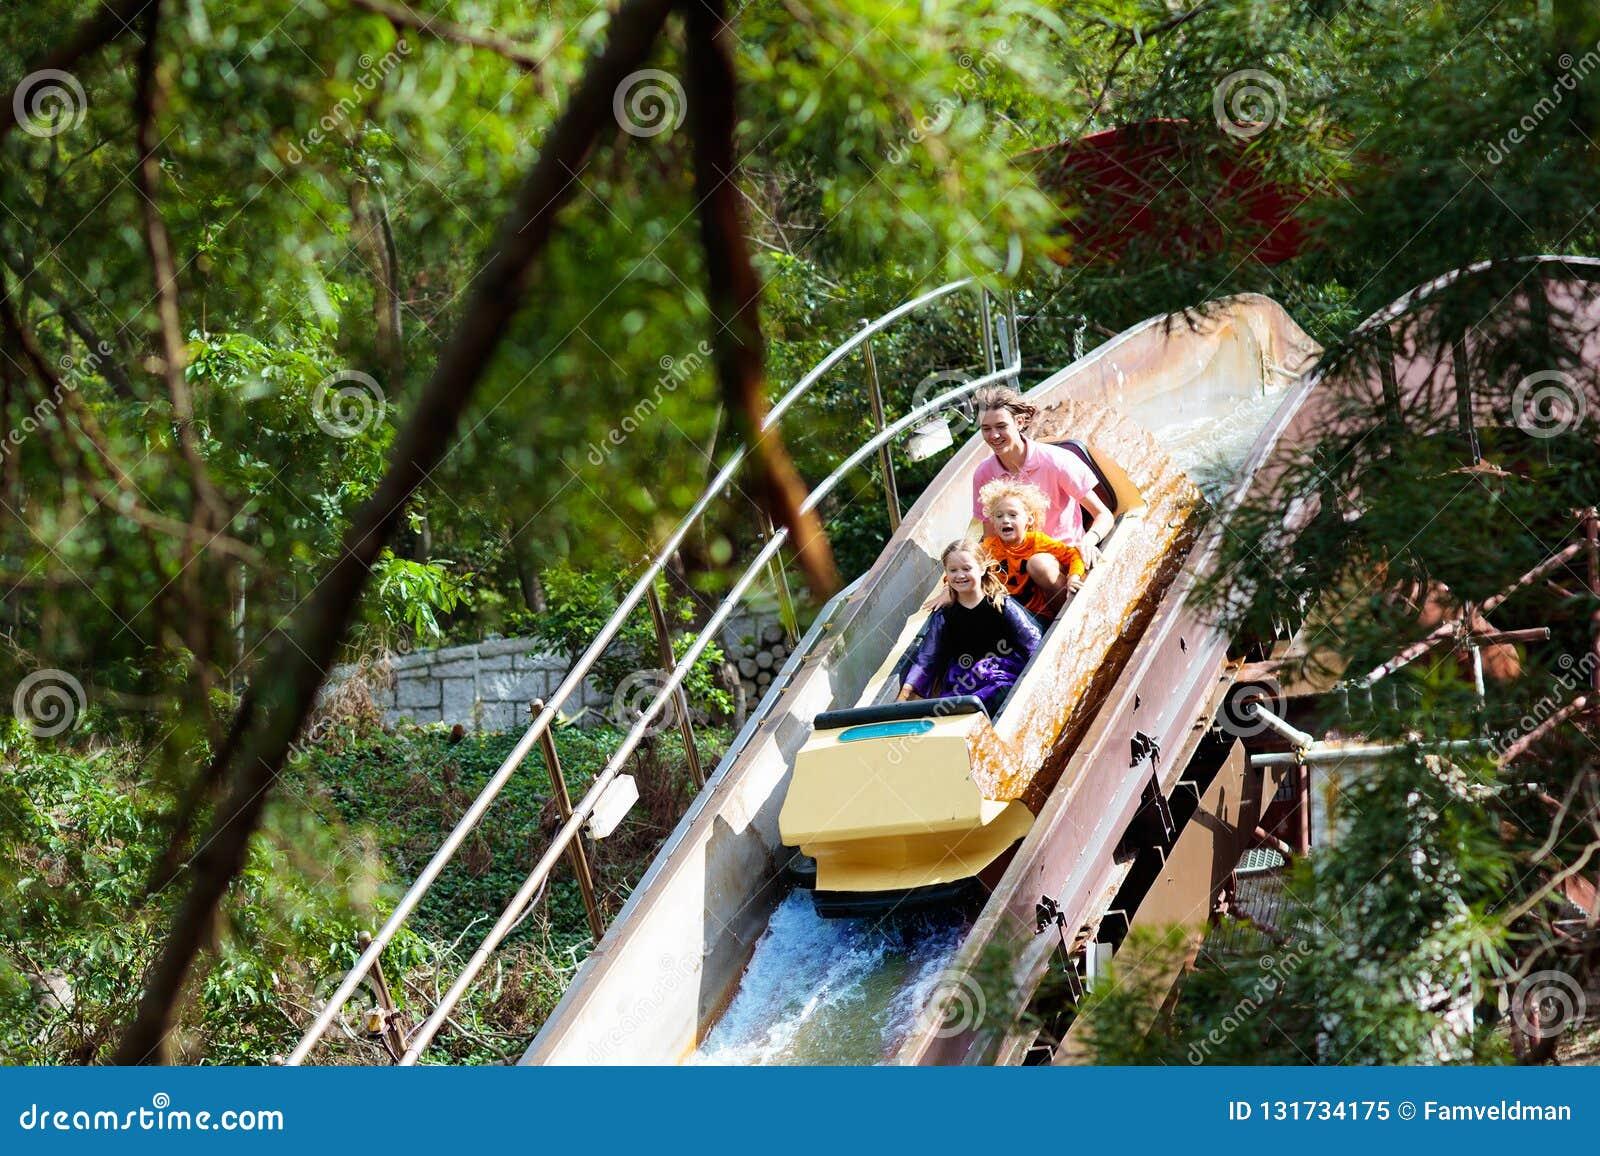 Família com as crianças na montanha russa no parque temático do divertimento Crianças que montam a atração de alta velocidade da